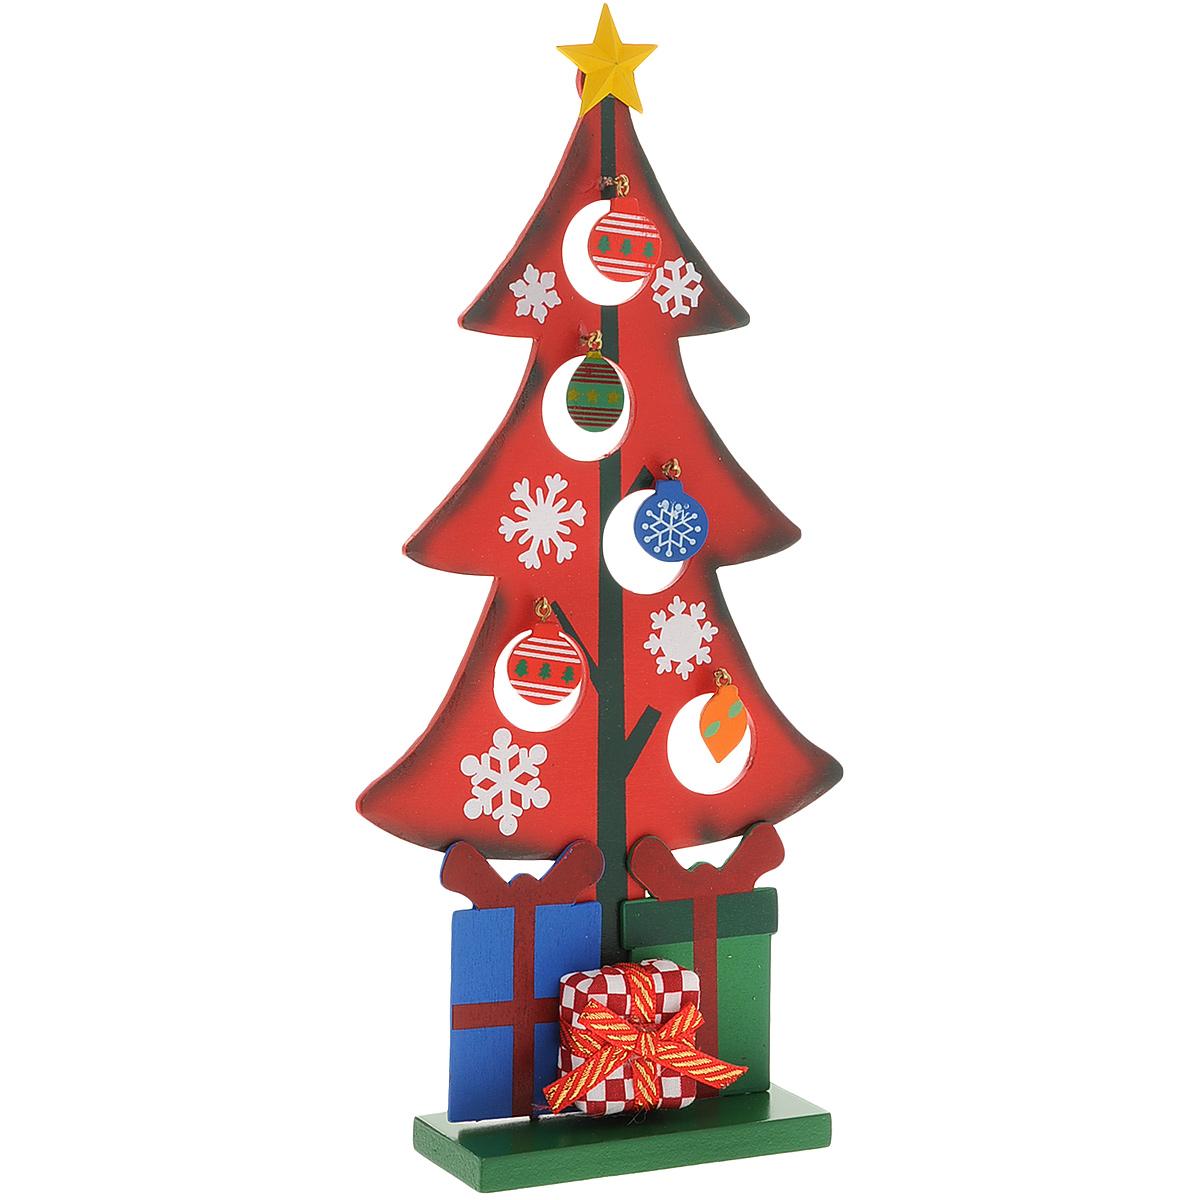 Украшение новогоднее Рождественская елочка, цвет: красный, 28 см. 35265 украшение новогоднее елочка заснеженная цвет красный 14 5 см 35691